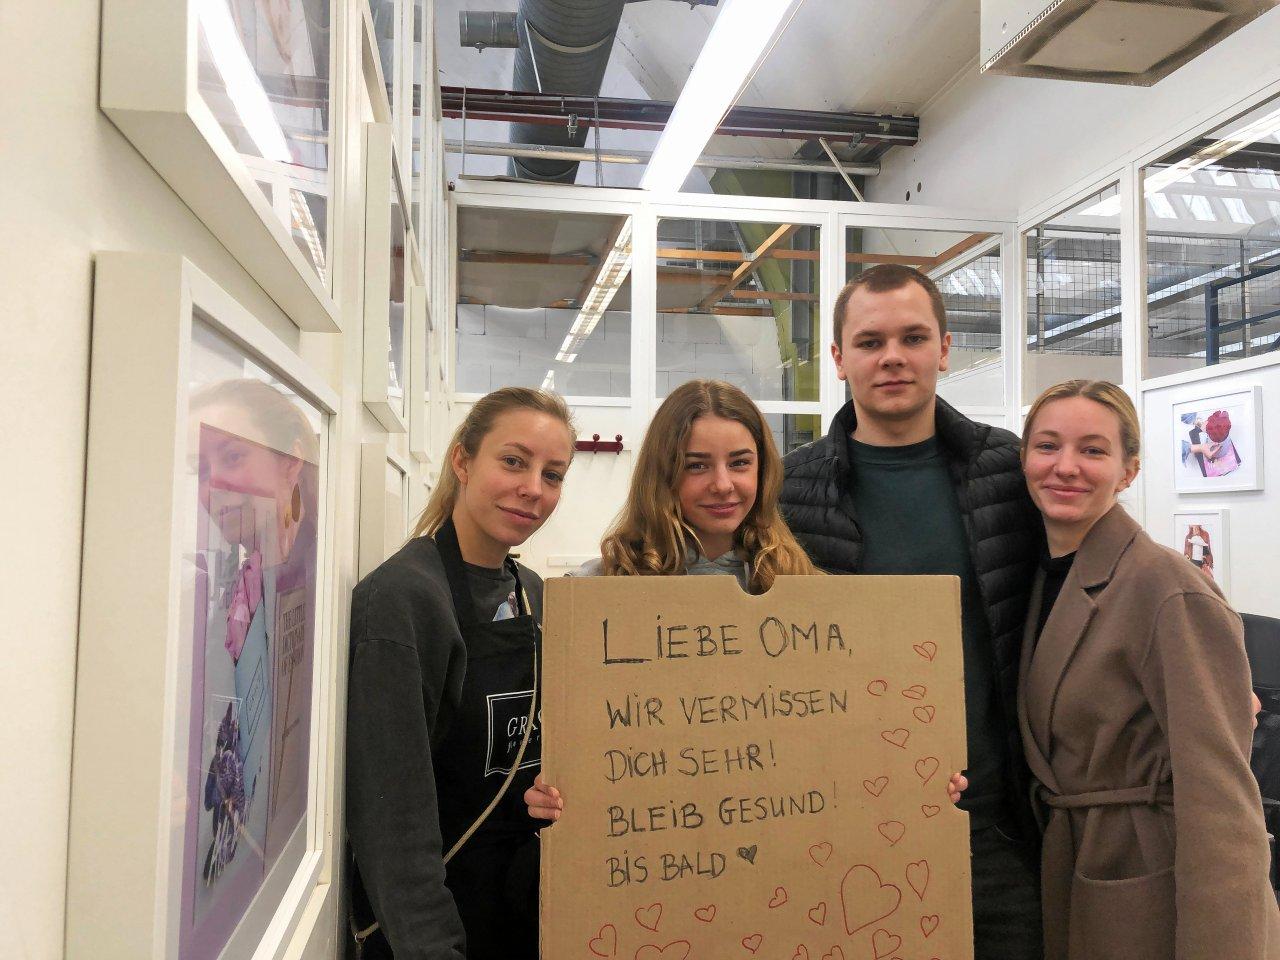 Die Vier vermissen ihre Oma: Lisa (30, v.l.), Pia (14), Kai (21) und Nina (28) Wegert aus Charlottenburg haben Sehnsucht nach ihrer Großmutter Ingeborg Lengricht.